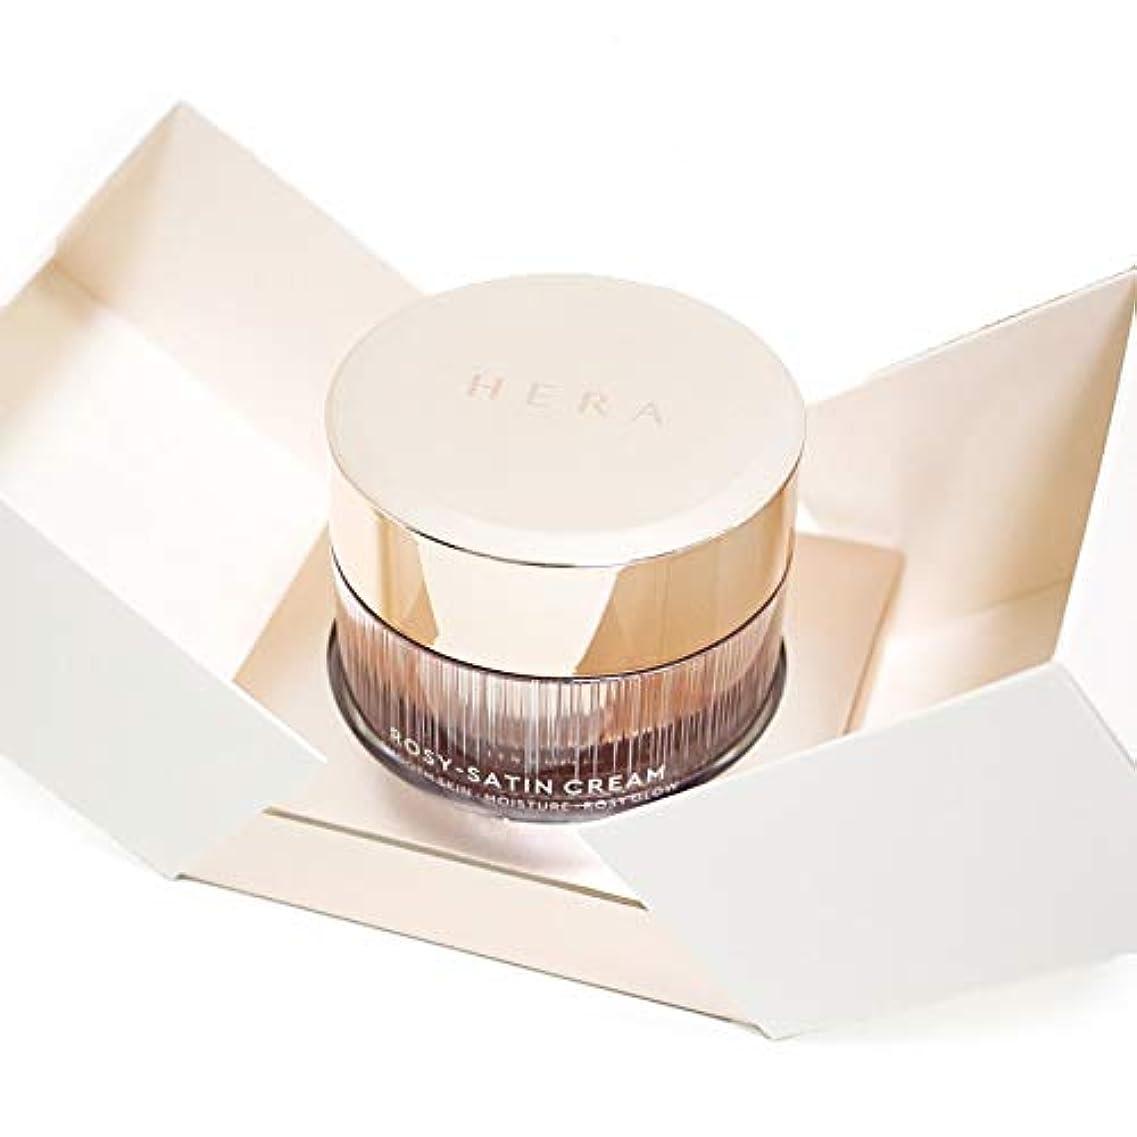 シェルター空白仮称[ヘラ HERA] 新発売 ロージーサテンクリーム50ML Rosy-Satin Cream 50ml  海外直送品